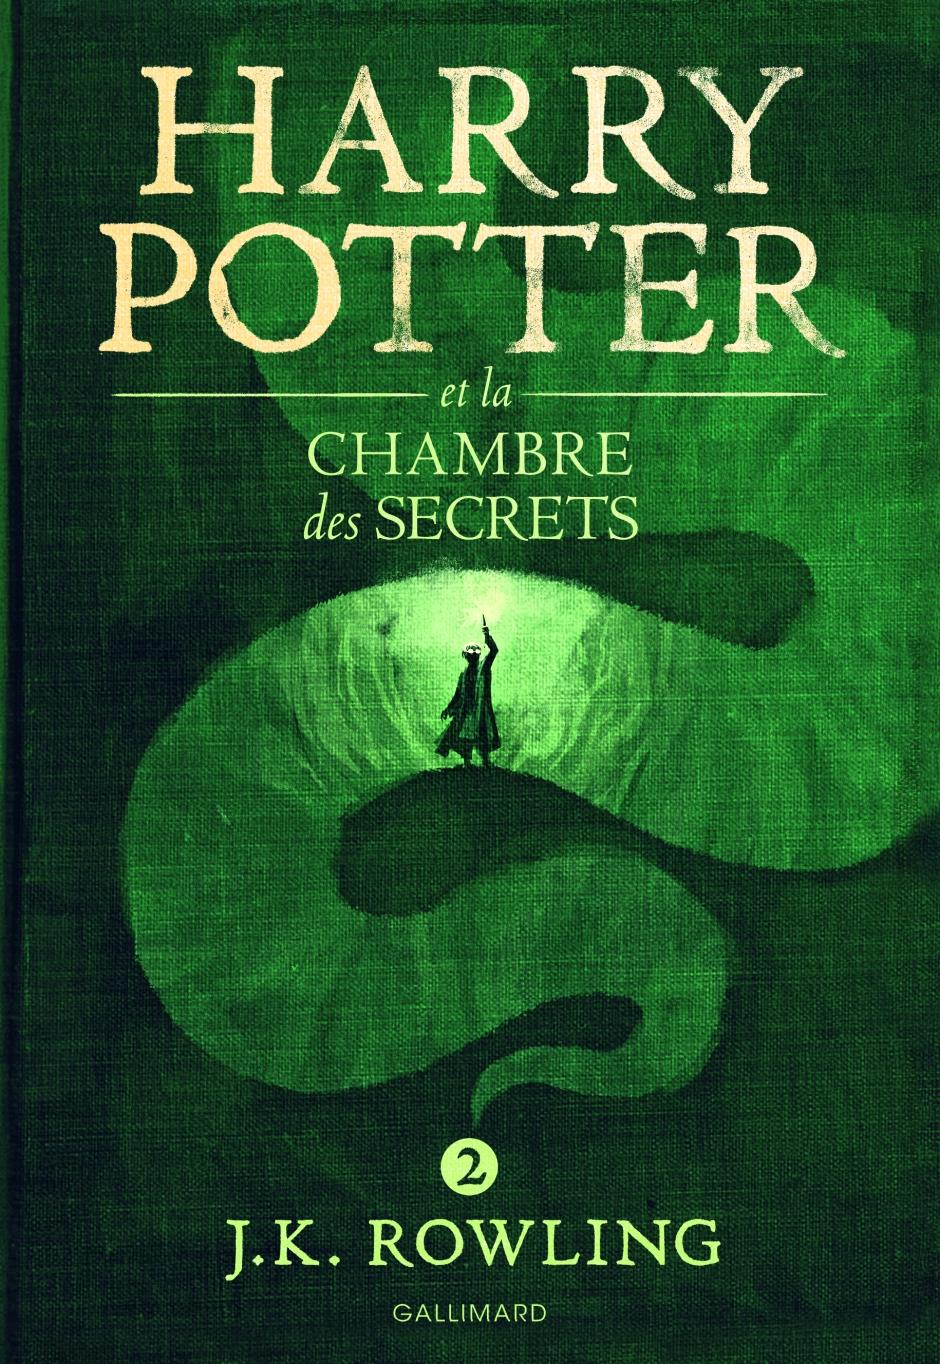 GF_HP2_chambre-secrets_A62453.indd